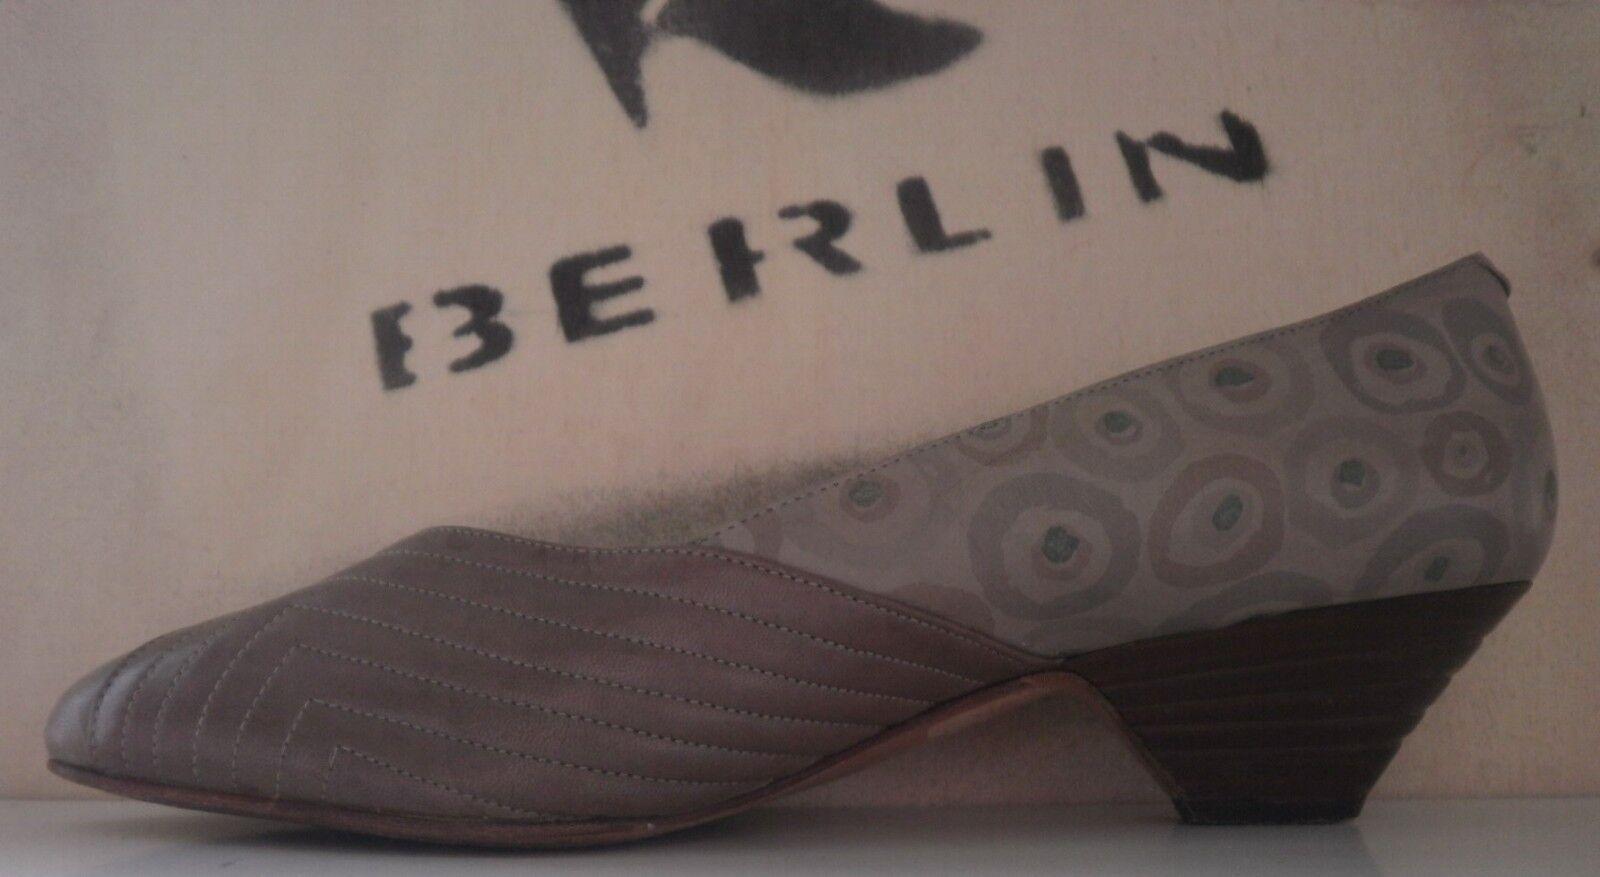 gabor in Berlin Bekleidung & Accessoires günstig kaufen